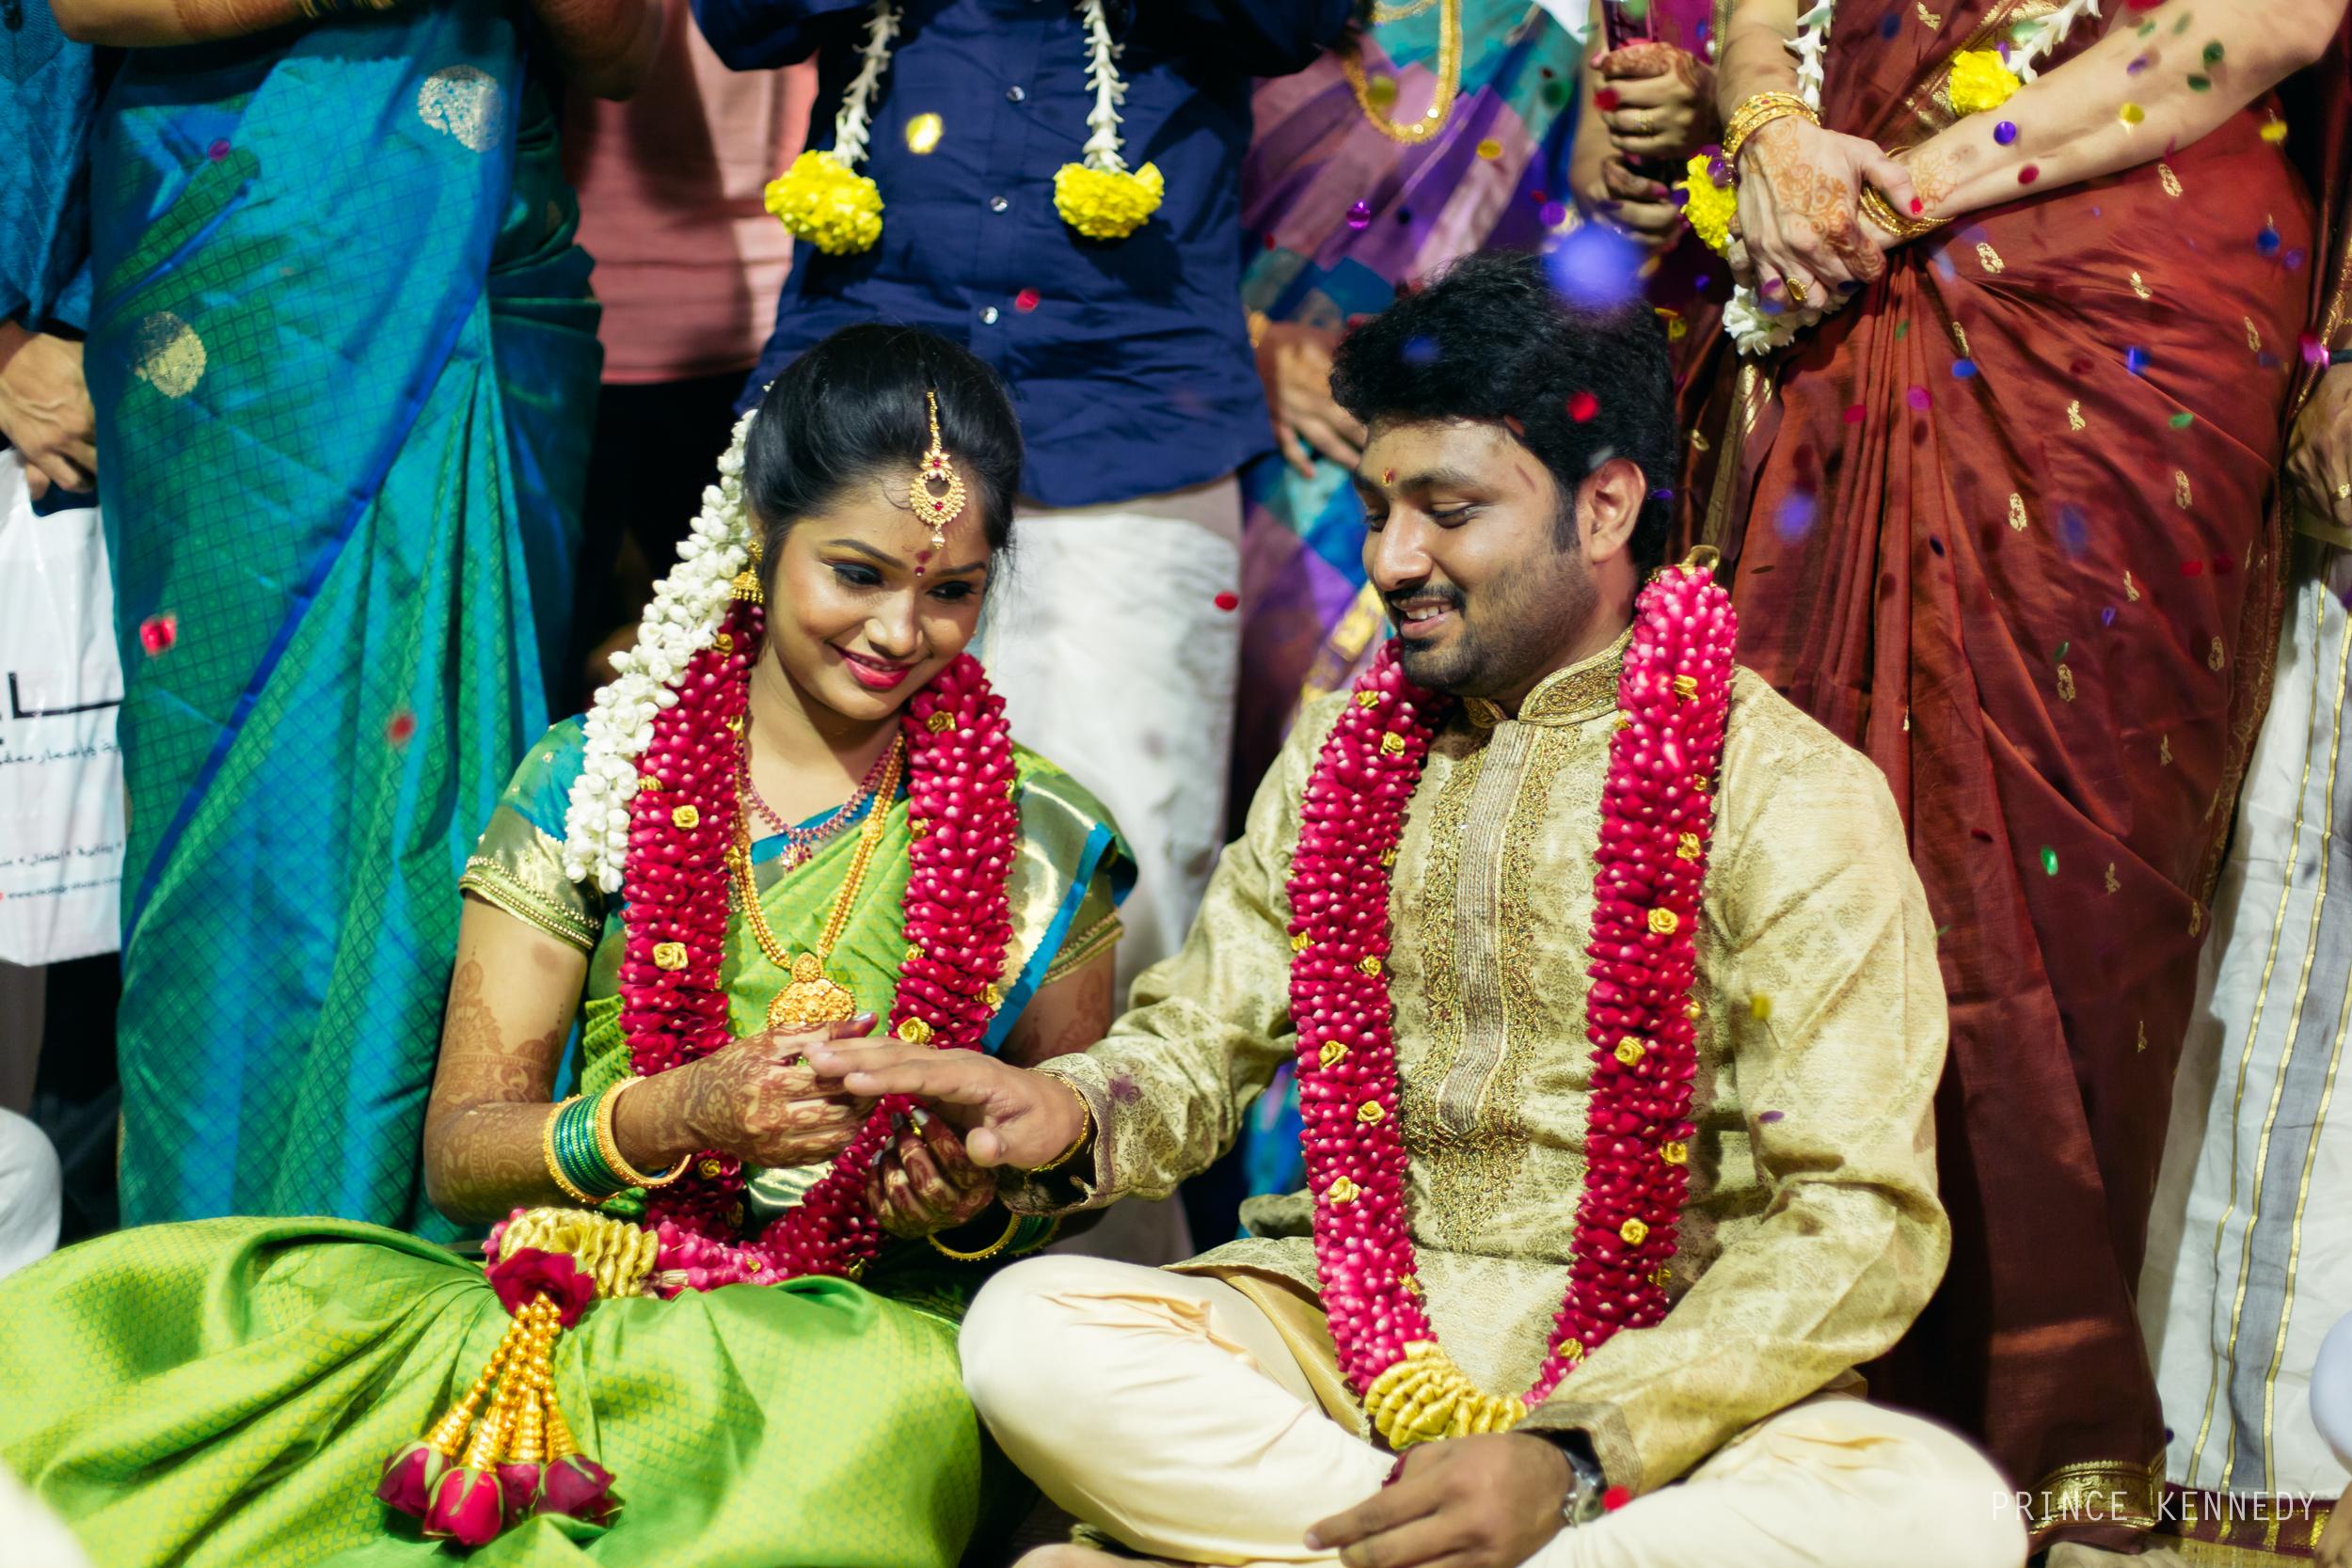 Engagement-Couple-Portrait-Portraiture-Wedding-Couple-Portrait-Chennai-Photographer-Candid-Photography-Destination-Best-Prince-Kennedy-Photography-229.jpg